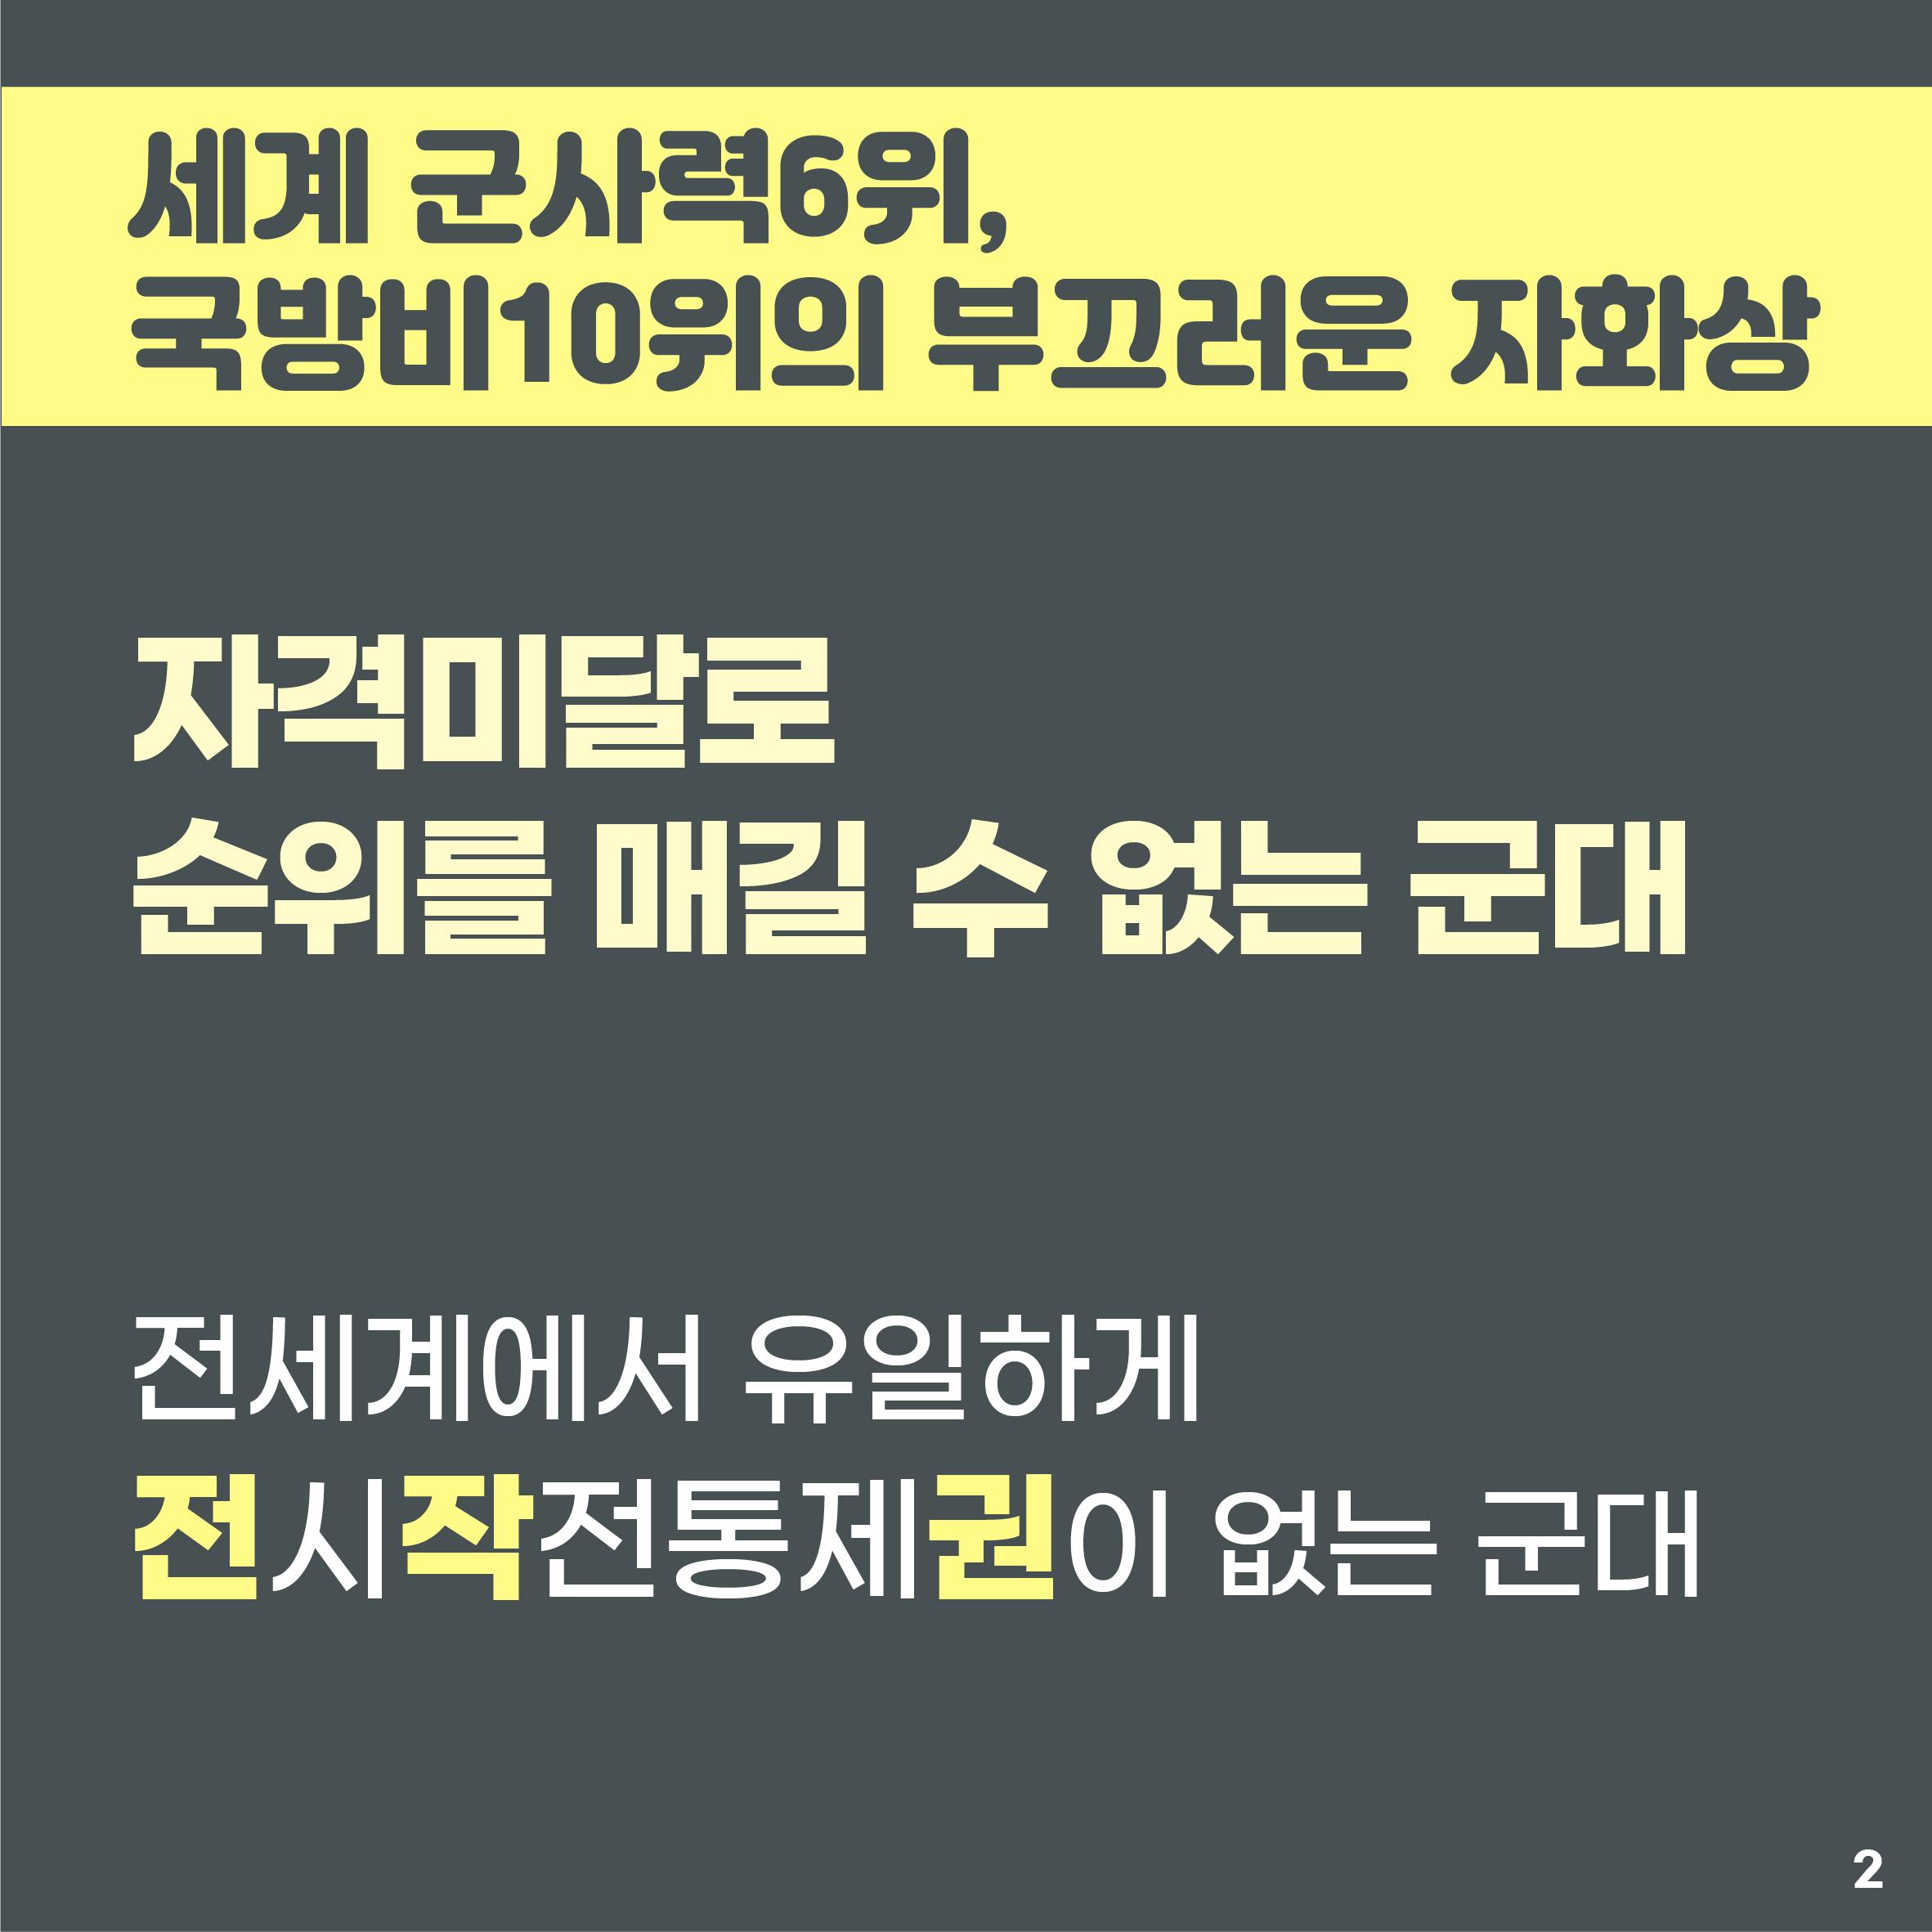 카드뉴스3_대지 1 사본.jpg